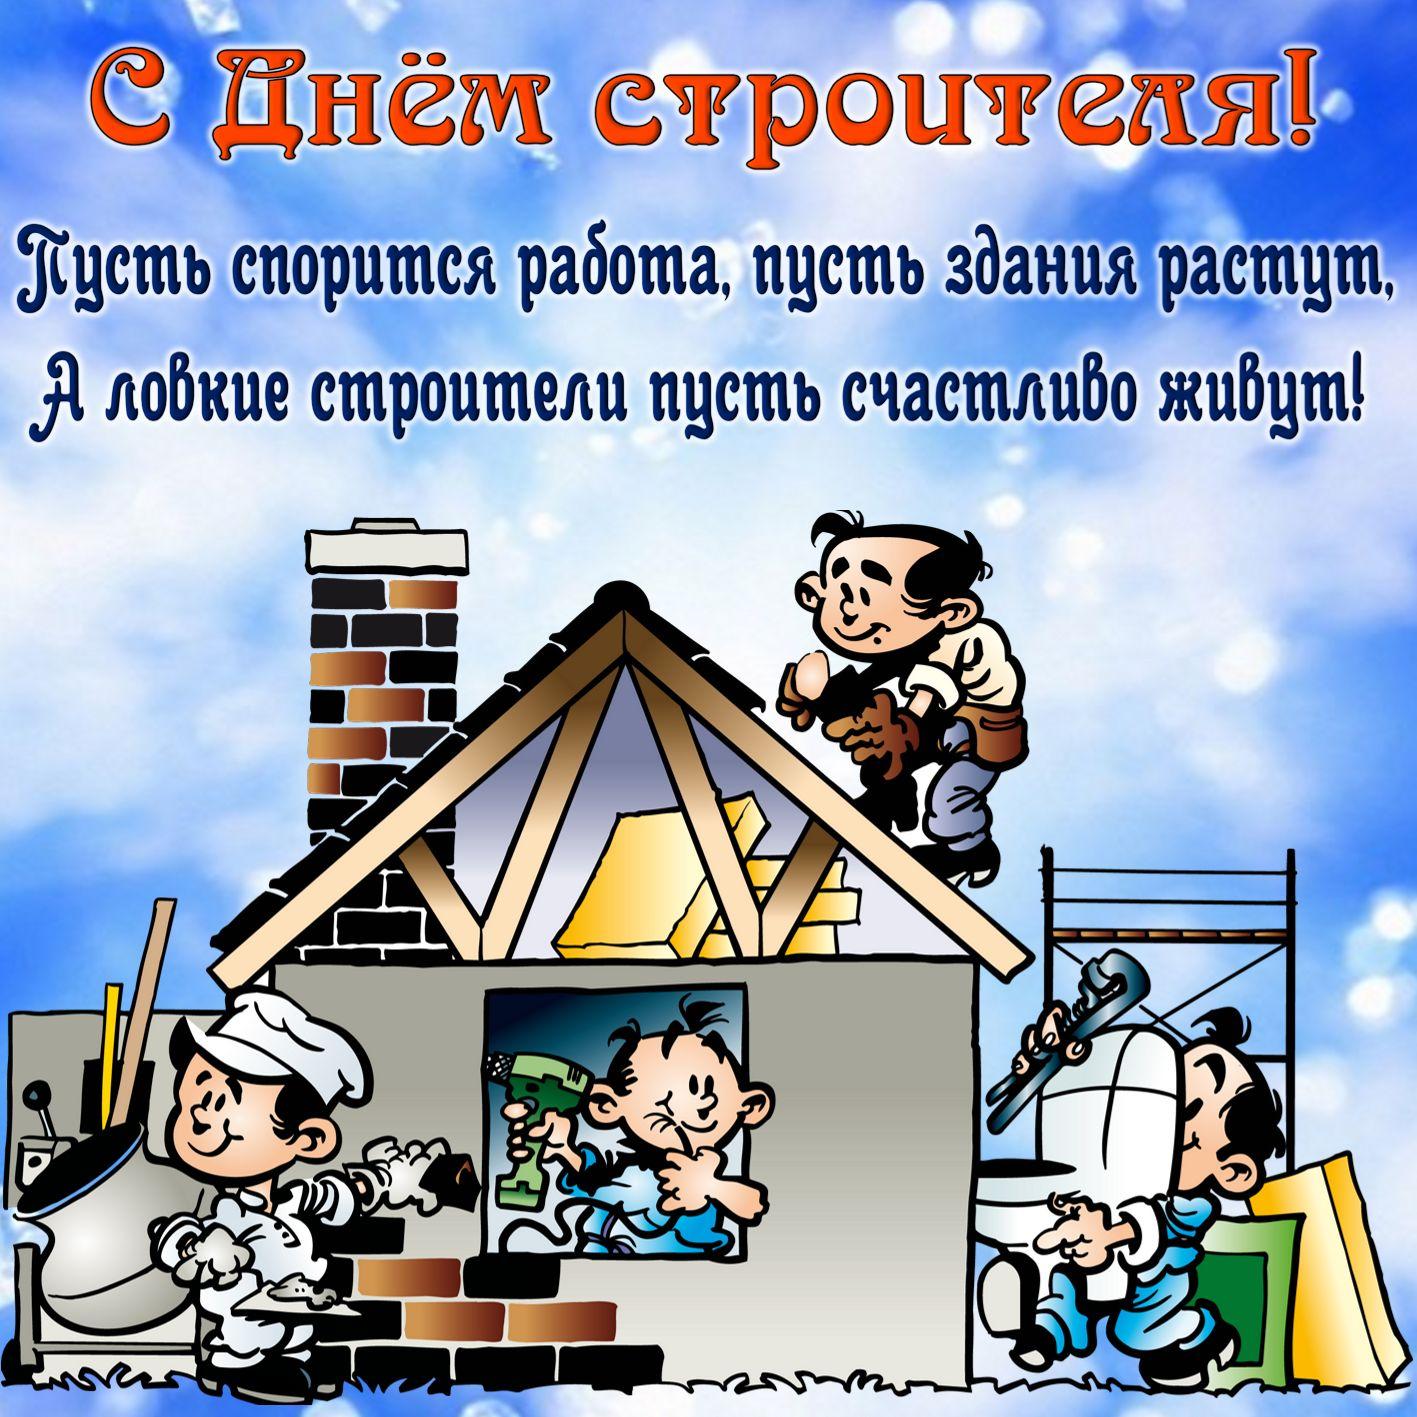 открытки к дню строителя оконщики